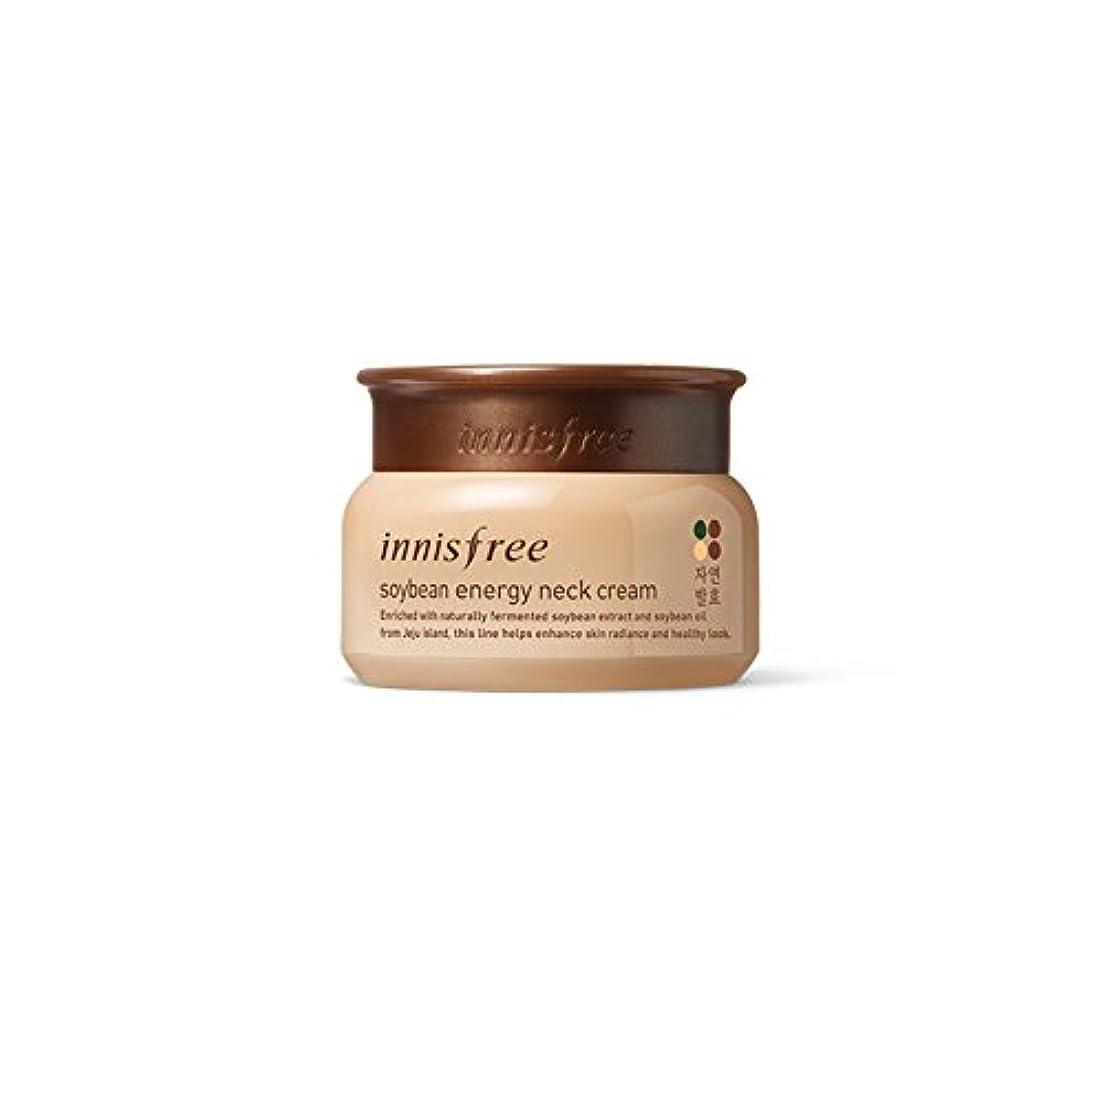 しなやかしなやか作家[イニスフリー] Innisfree 発酵大豆エネジネッククリーム (80ml) Innisfree Soy Bean Energy Neck Cream (80ml) [海外直送品]